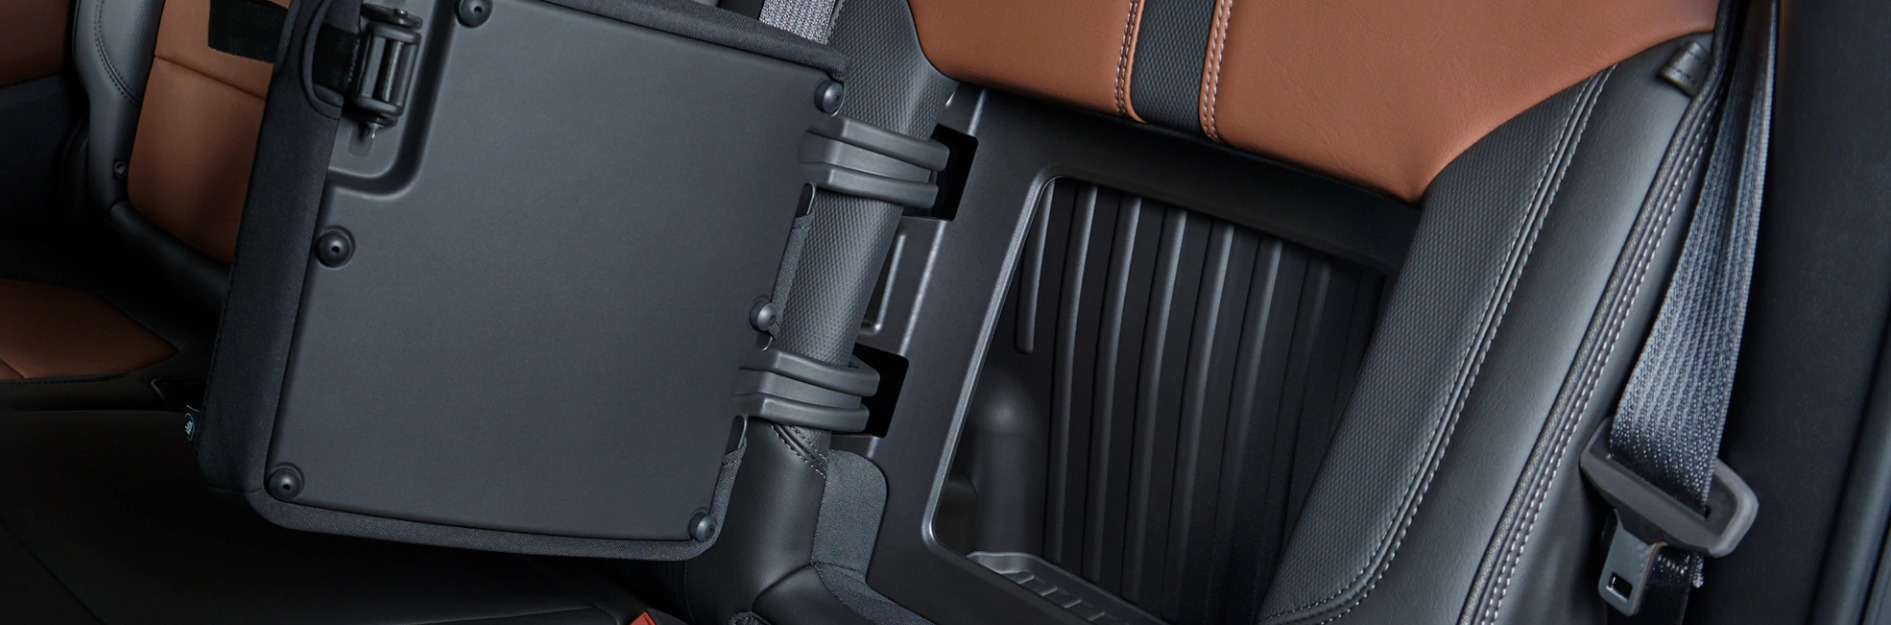 Handy Storage in the 2020 Chevrolet Silverado 1500